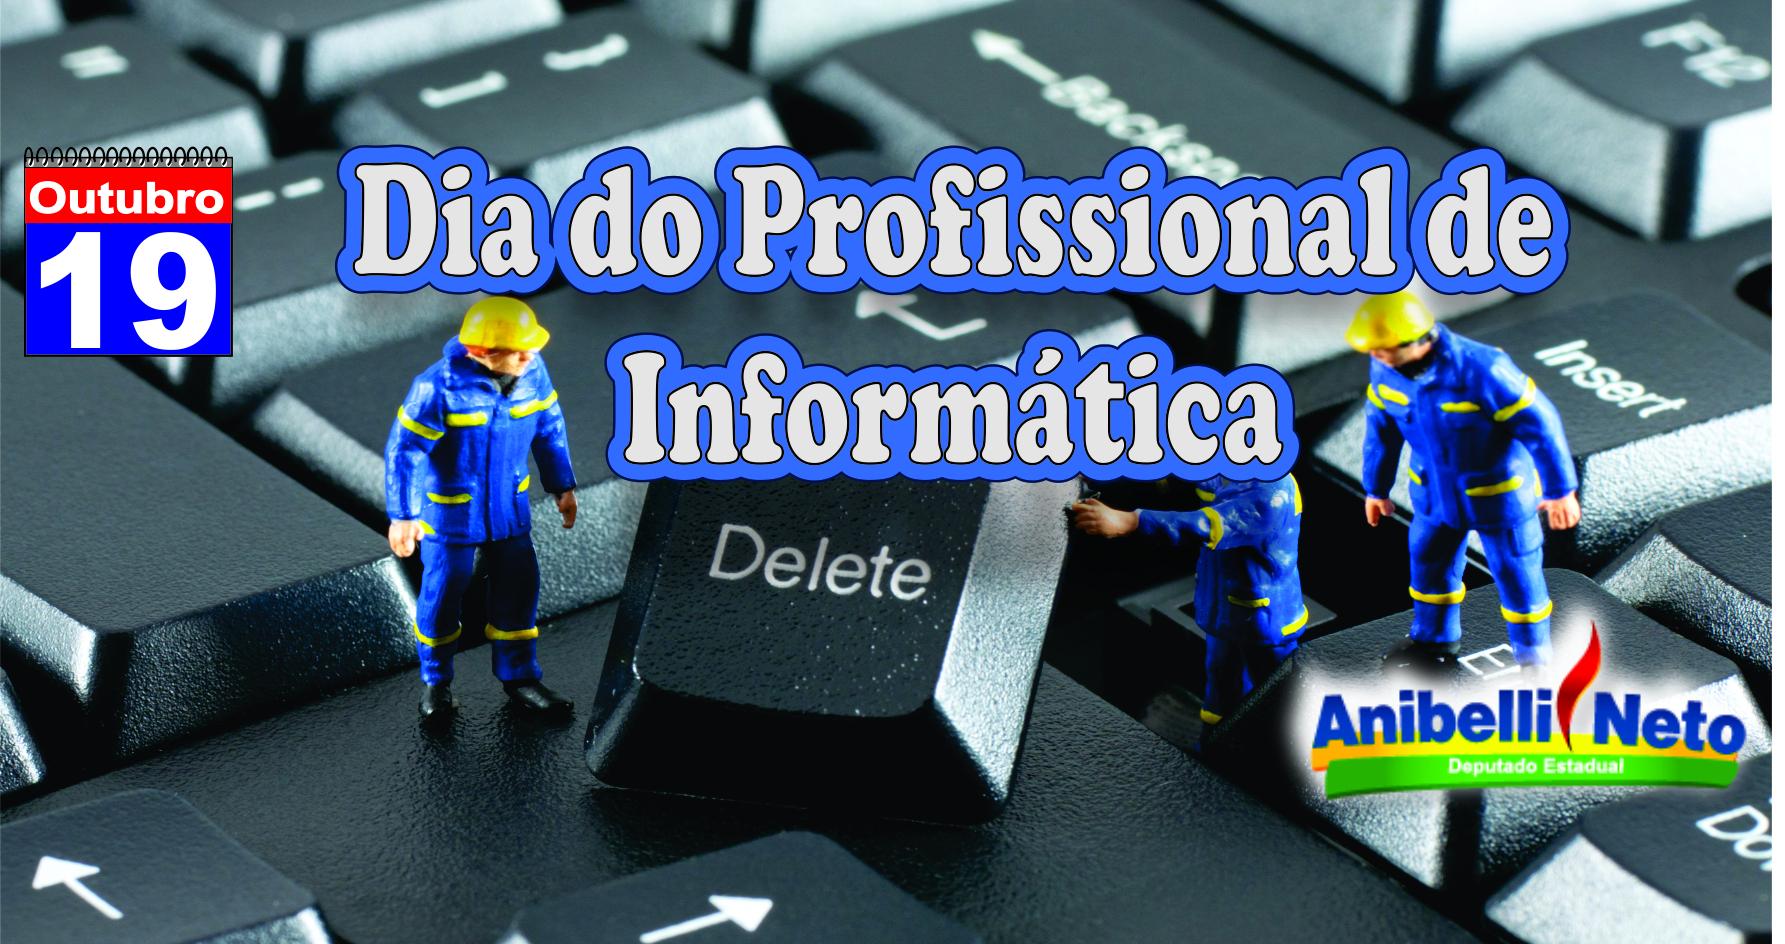 Dia do Profissional de Informática